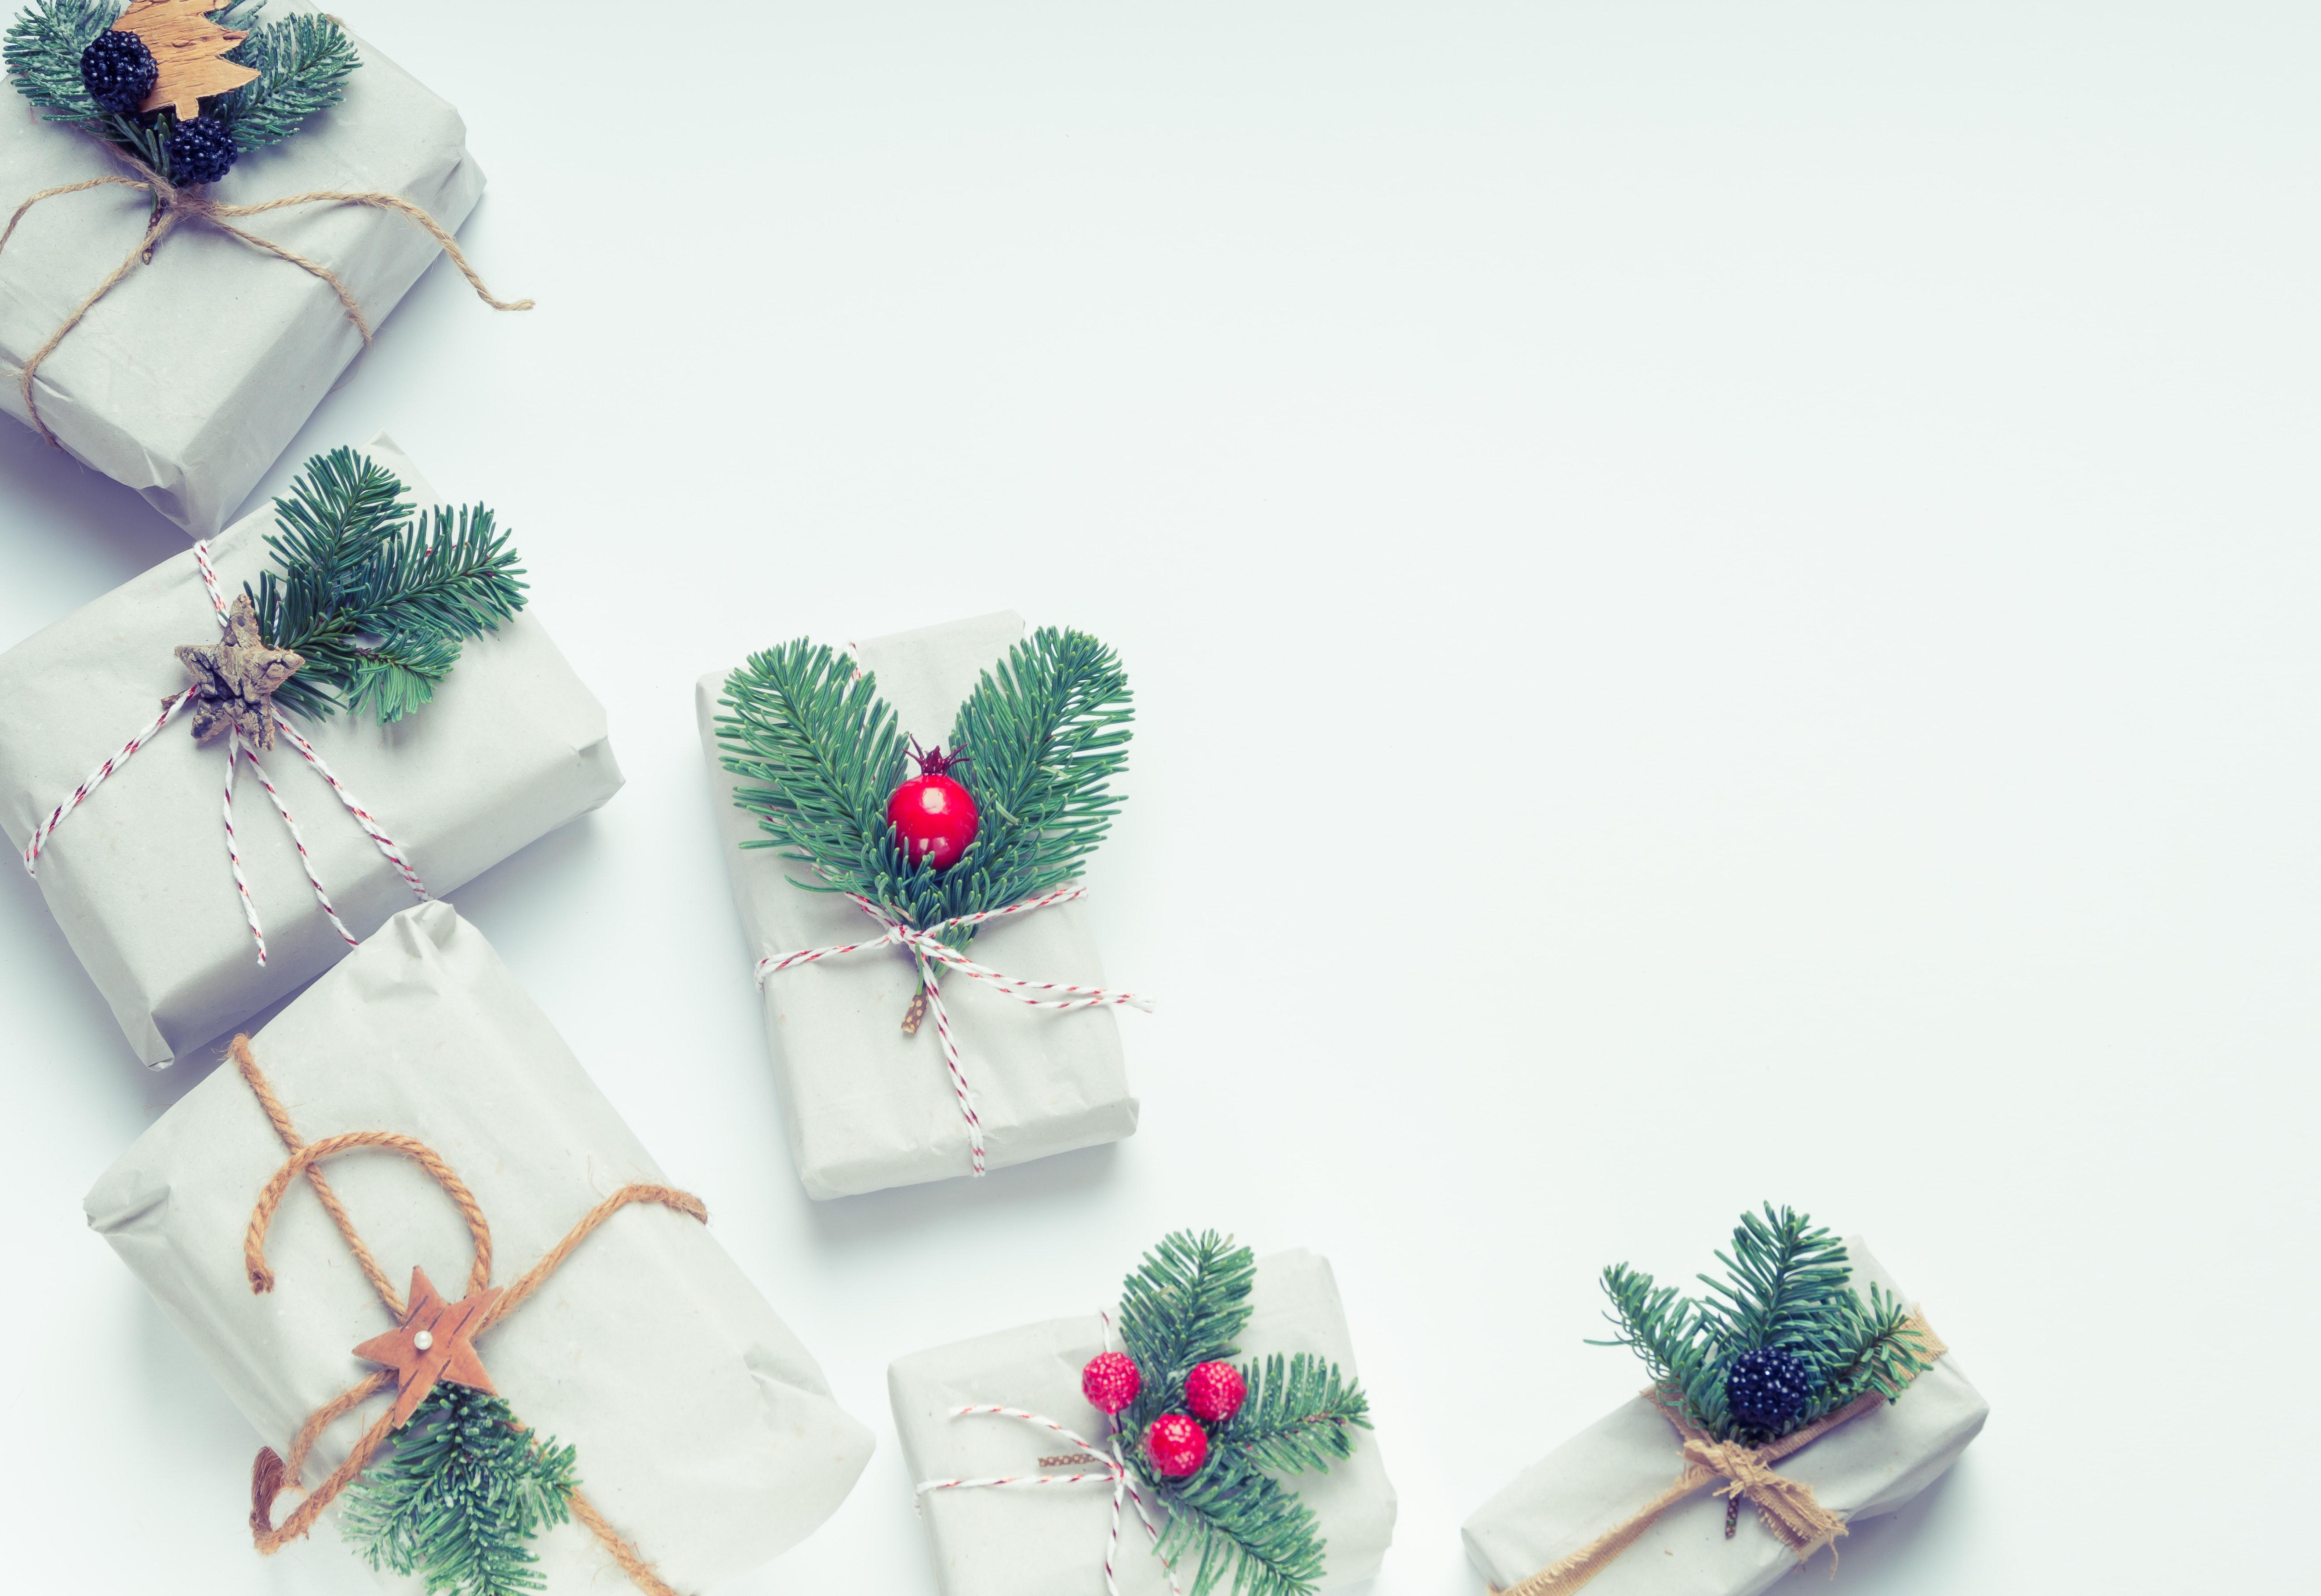 vianoce-ekologicky-a-v-pohode